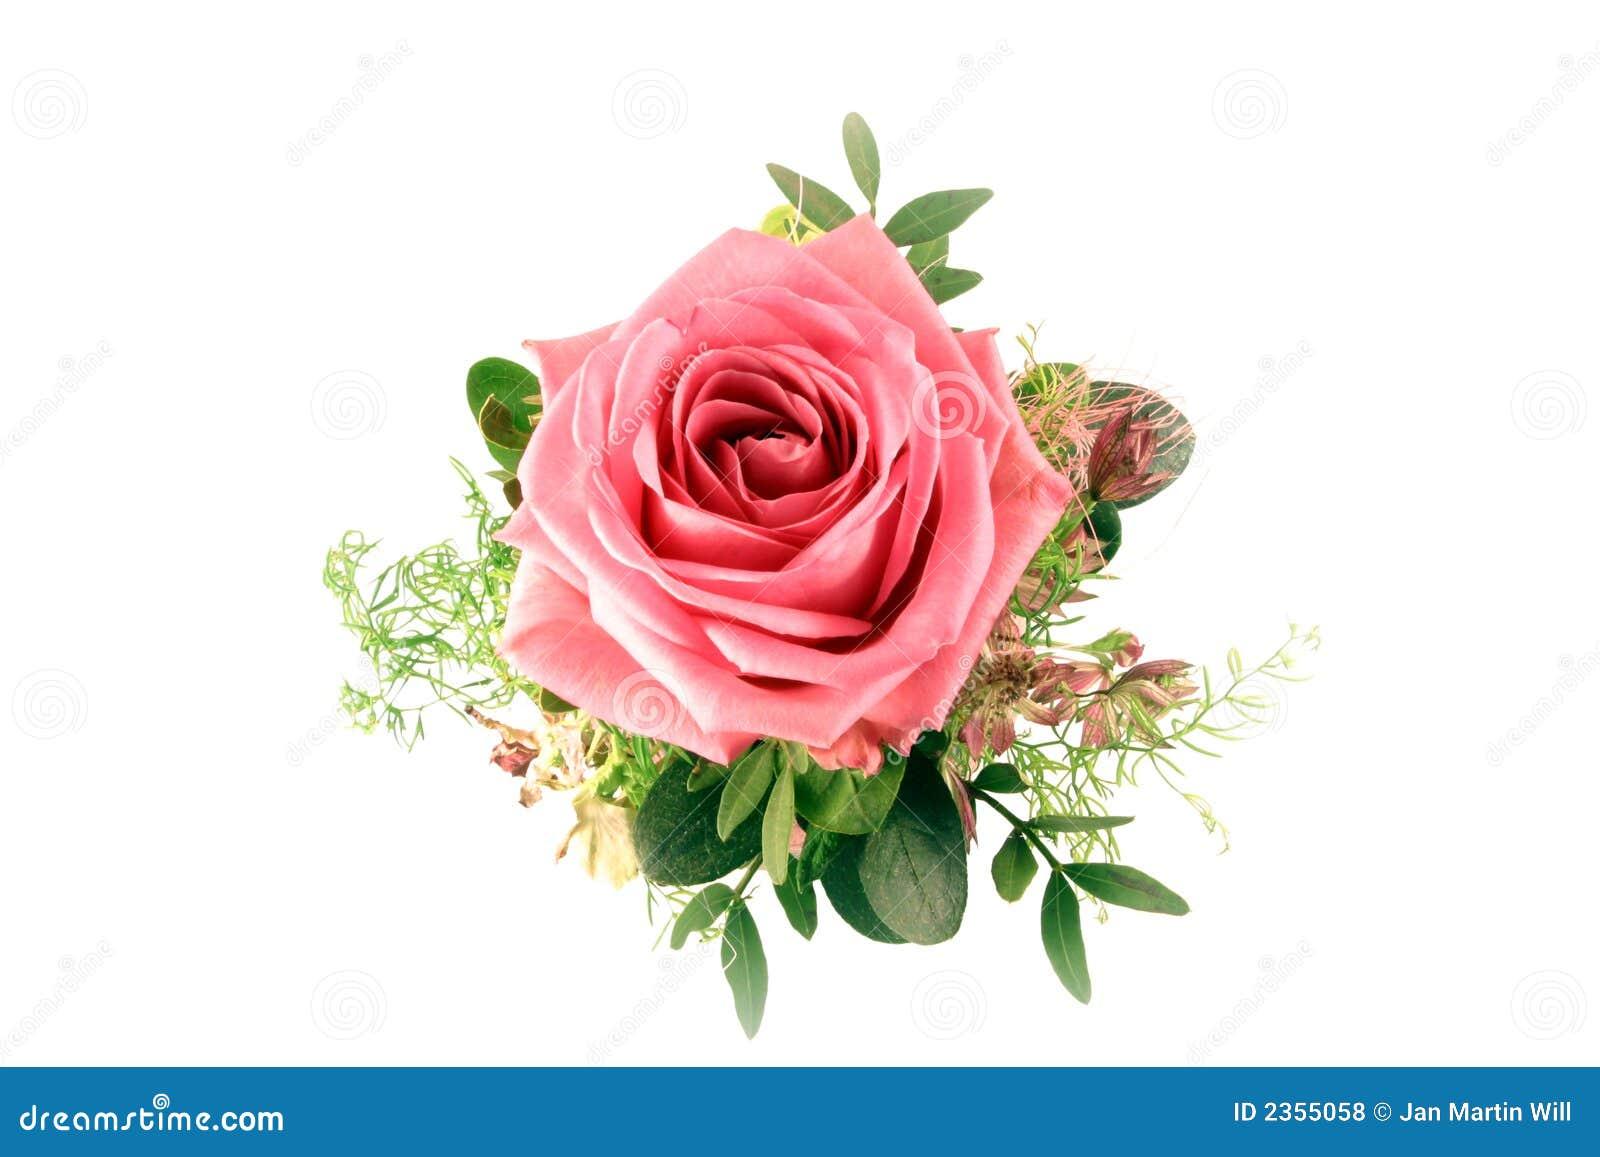 bouquet de rose photos libres de droits image 2355058. Black Bedroom Furniture Sets. Home Design Ideas